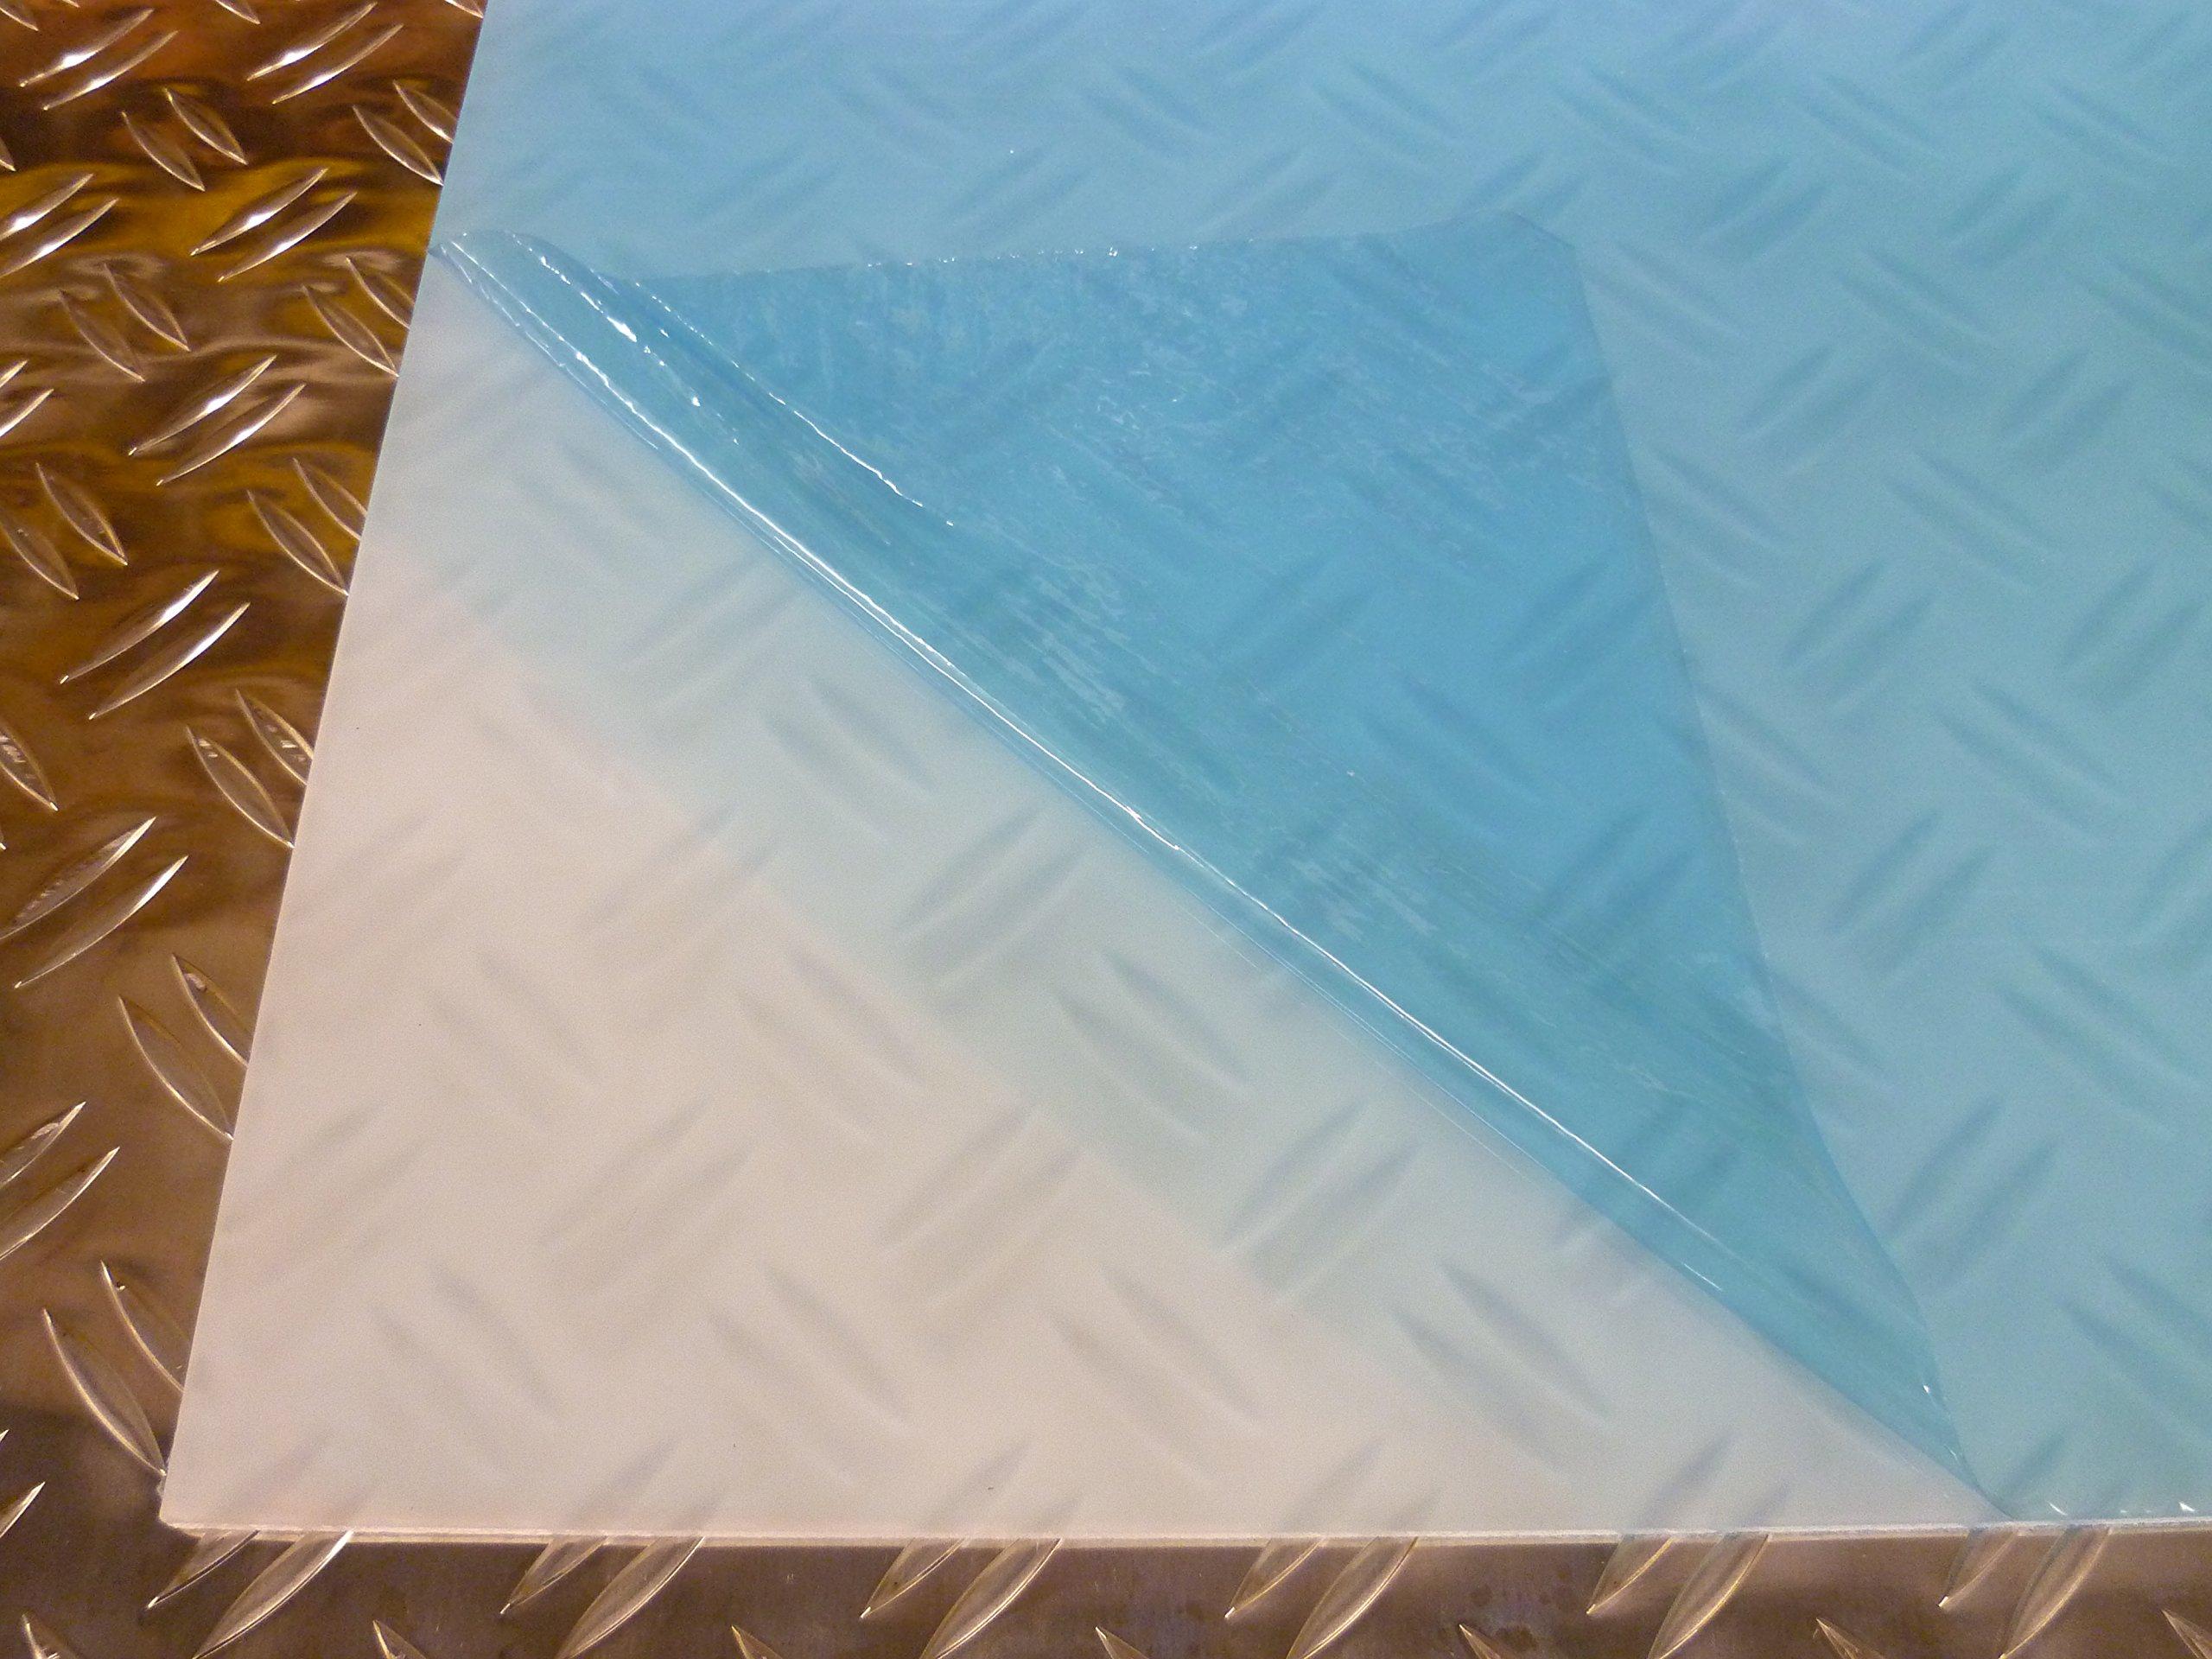 transparente plexigl/ás Cristal acr/ílico XT B/&T PMMA resistente a los rayos UV laminado por ambos lados 4 mm